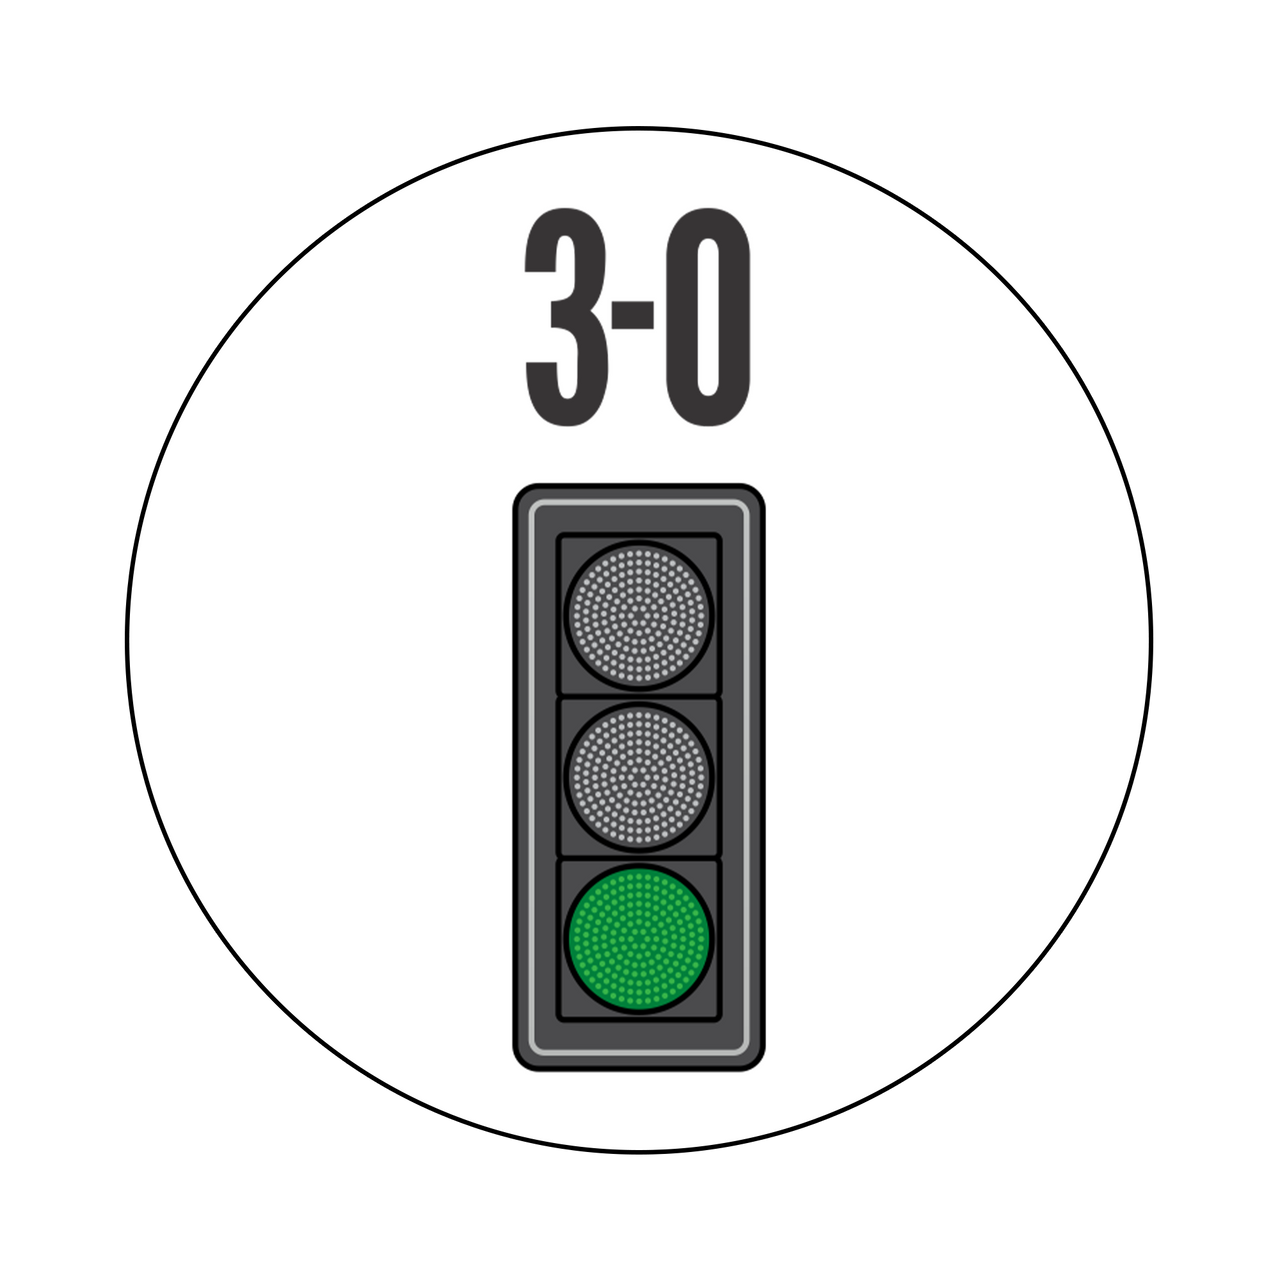 3-0 Greenlight Knob Sticker